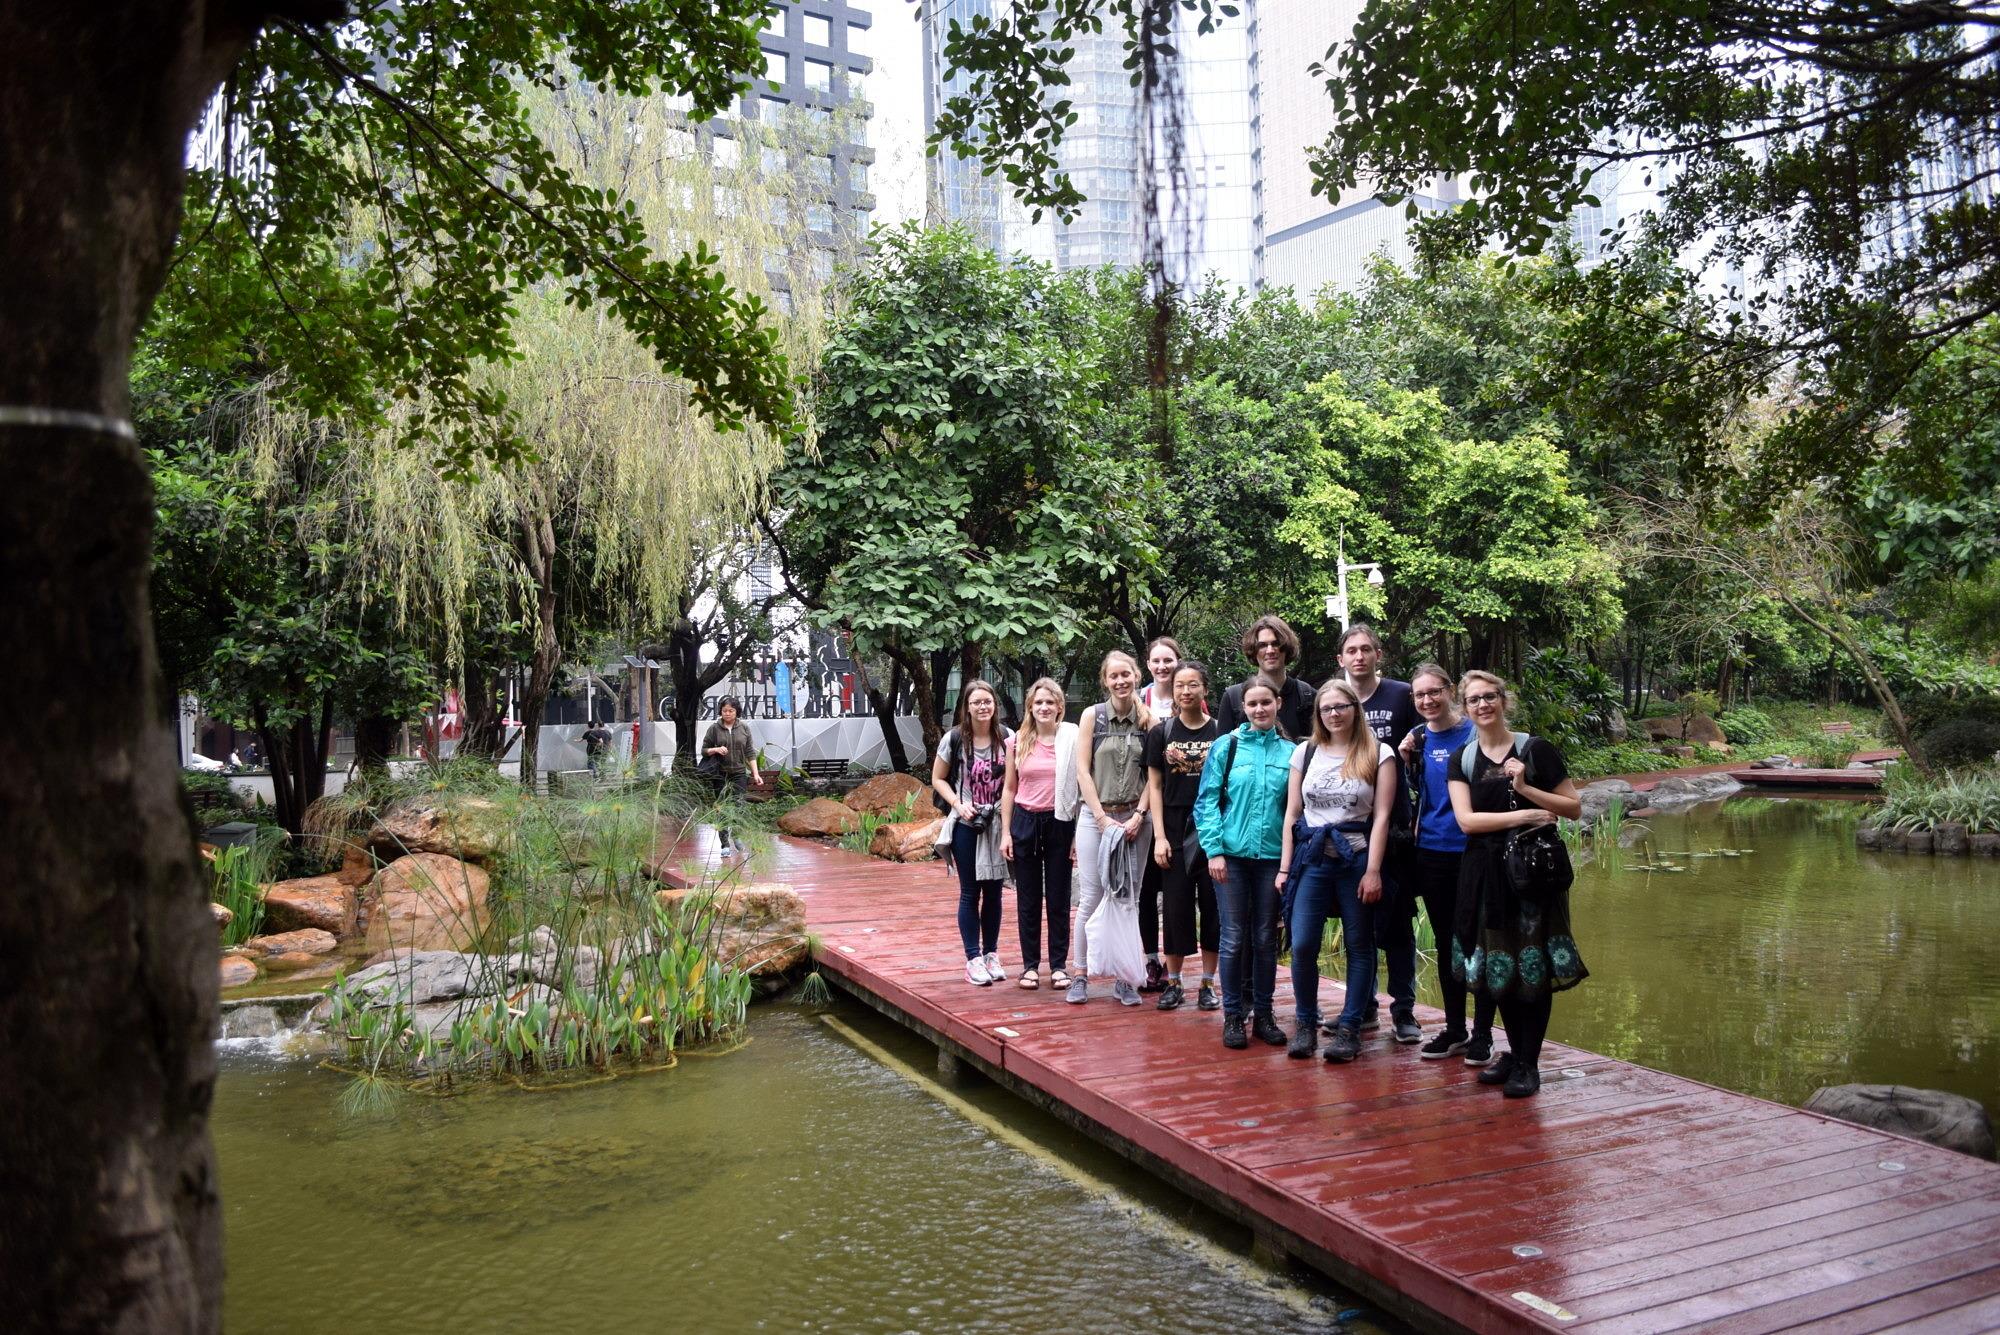 Gruppenfoto der ExkursionsteilnehmerInnen auf einer Brücke in einem Park in Guangzhou während der China-Exkursion 2019.